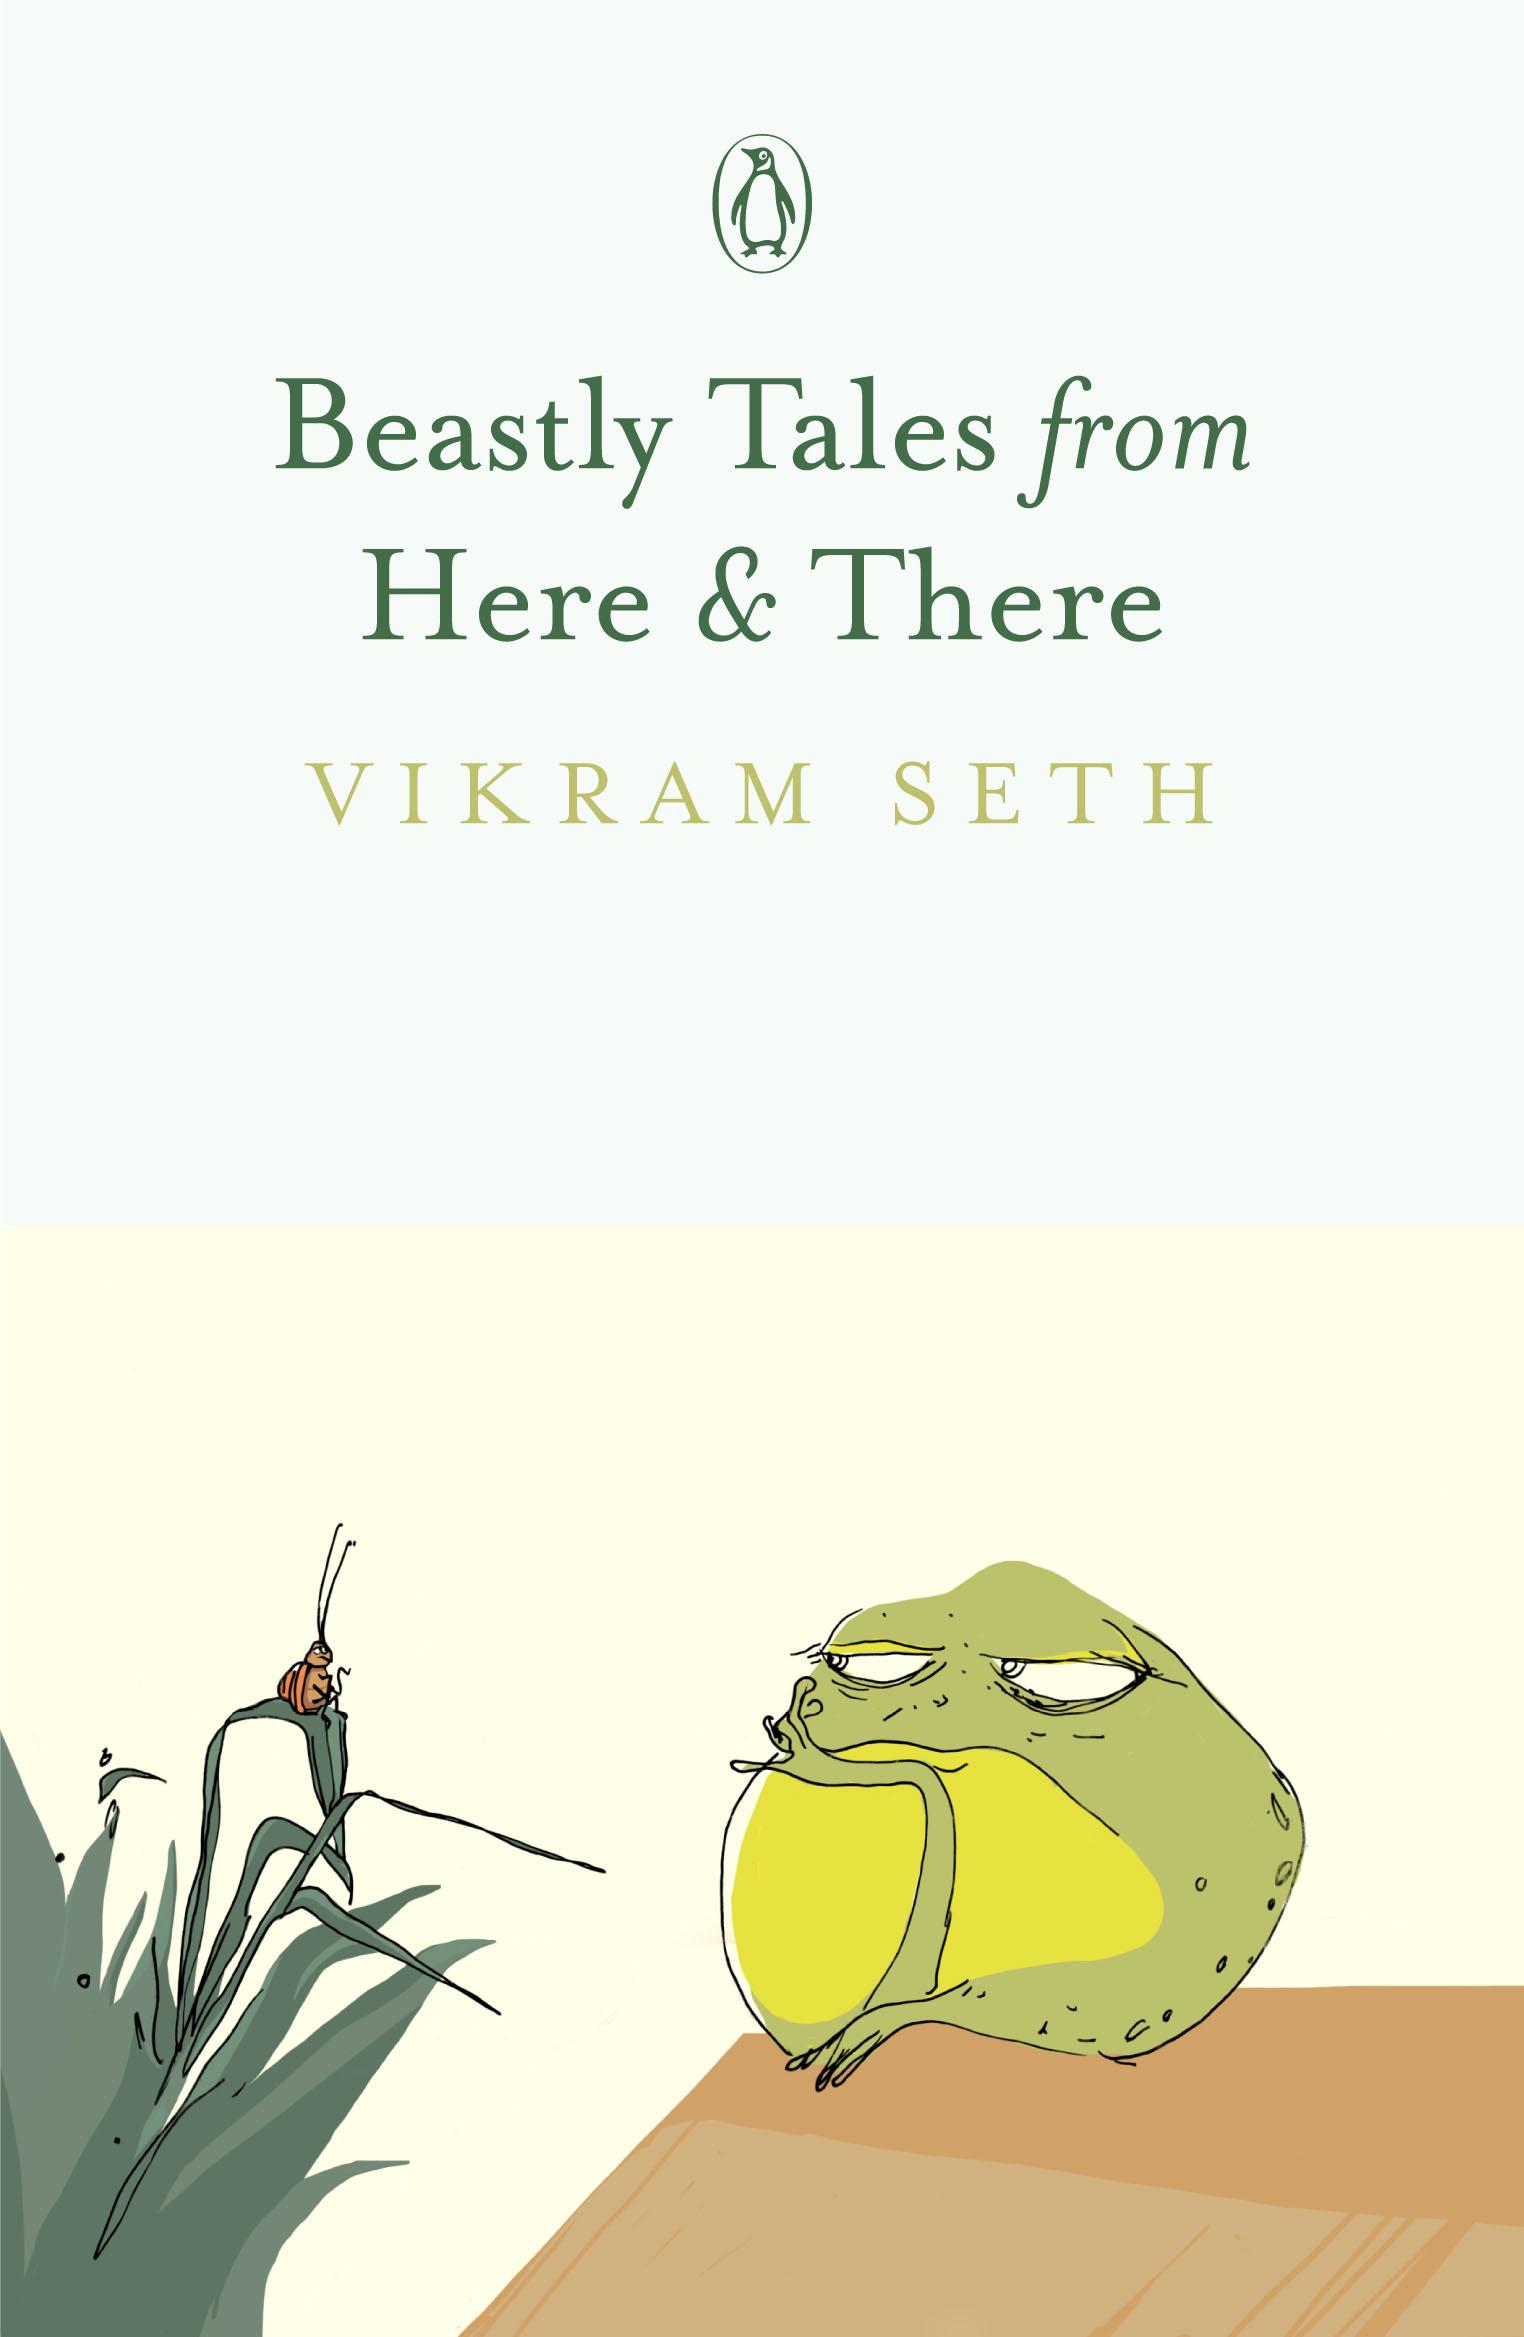 Beastly Tales.jpg